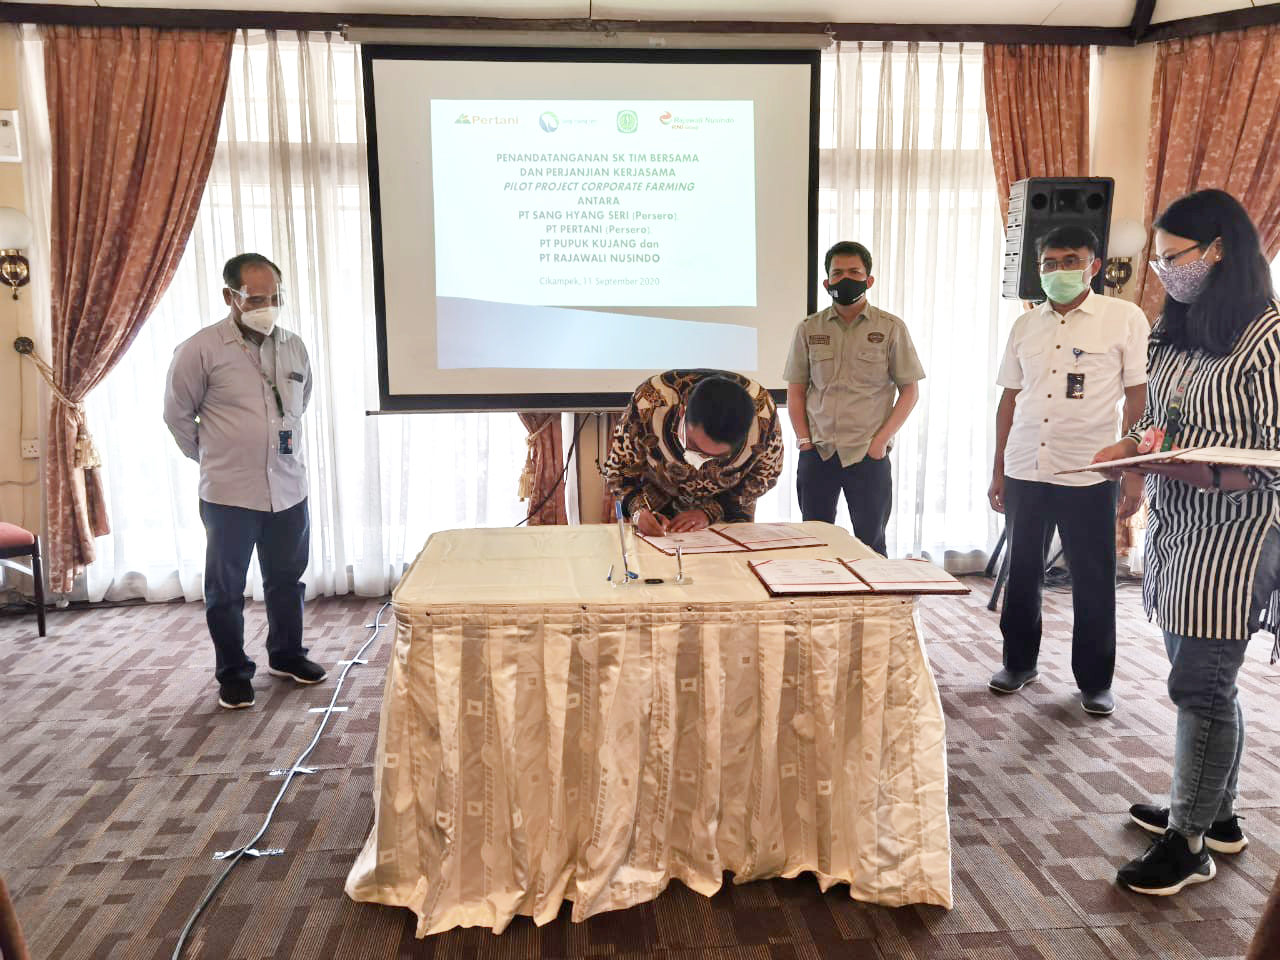 Tingkatkan Produktifitas Beras Premium, Rajawali Nusindo Tandatangani Perjanjian Kerjasama Pilot Project Corporate Farming